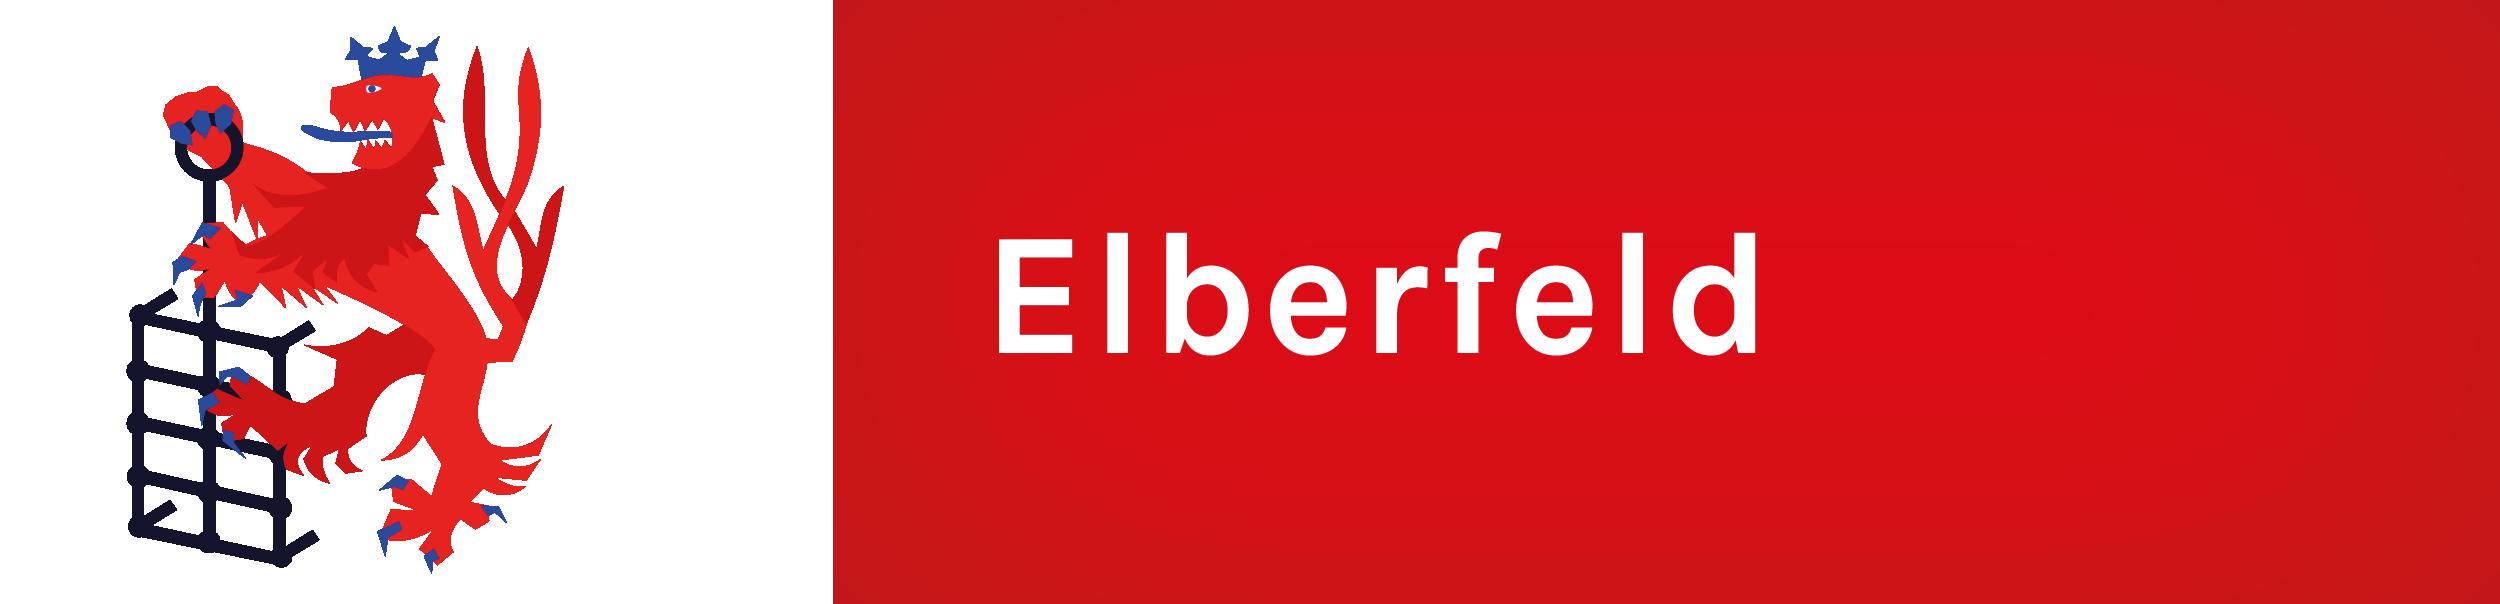 Banner für Elberfeld